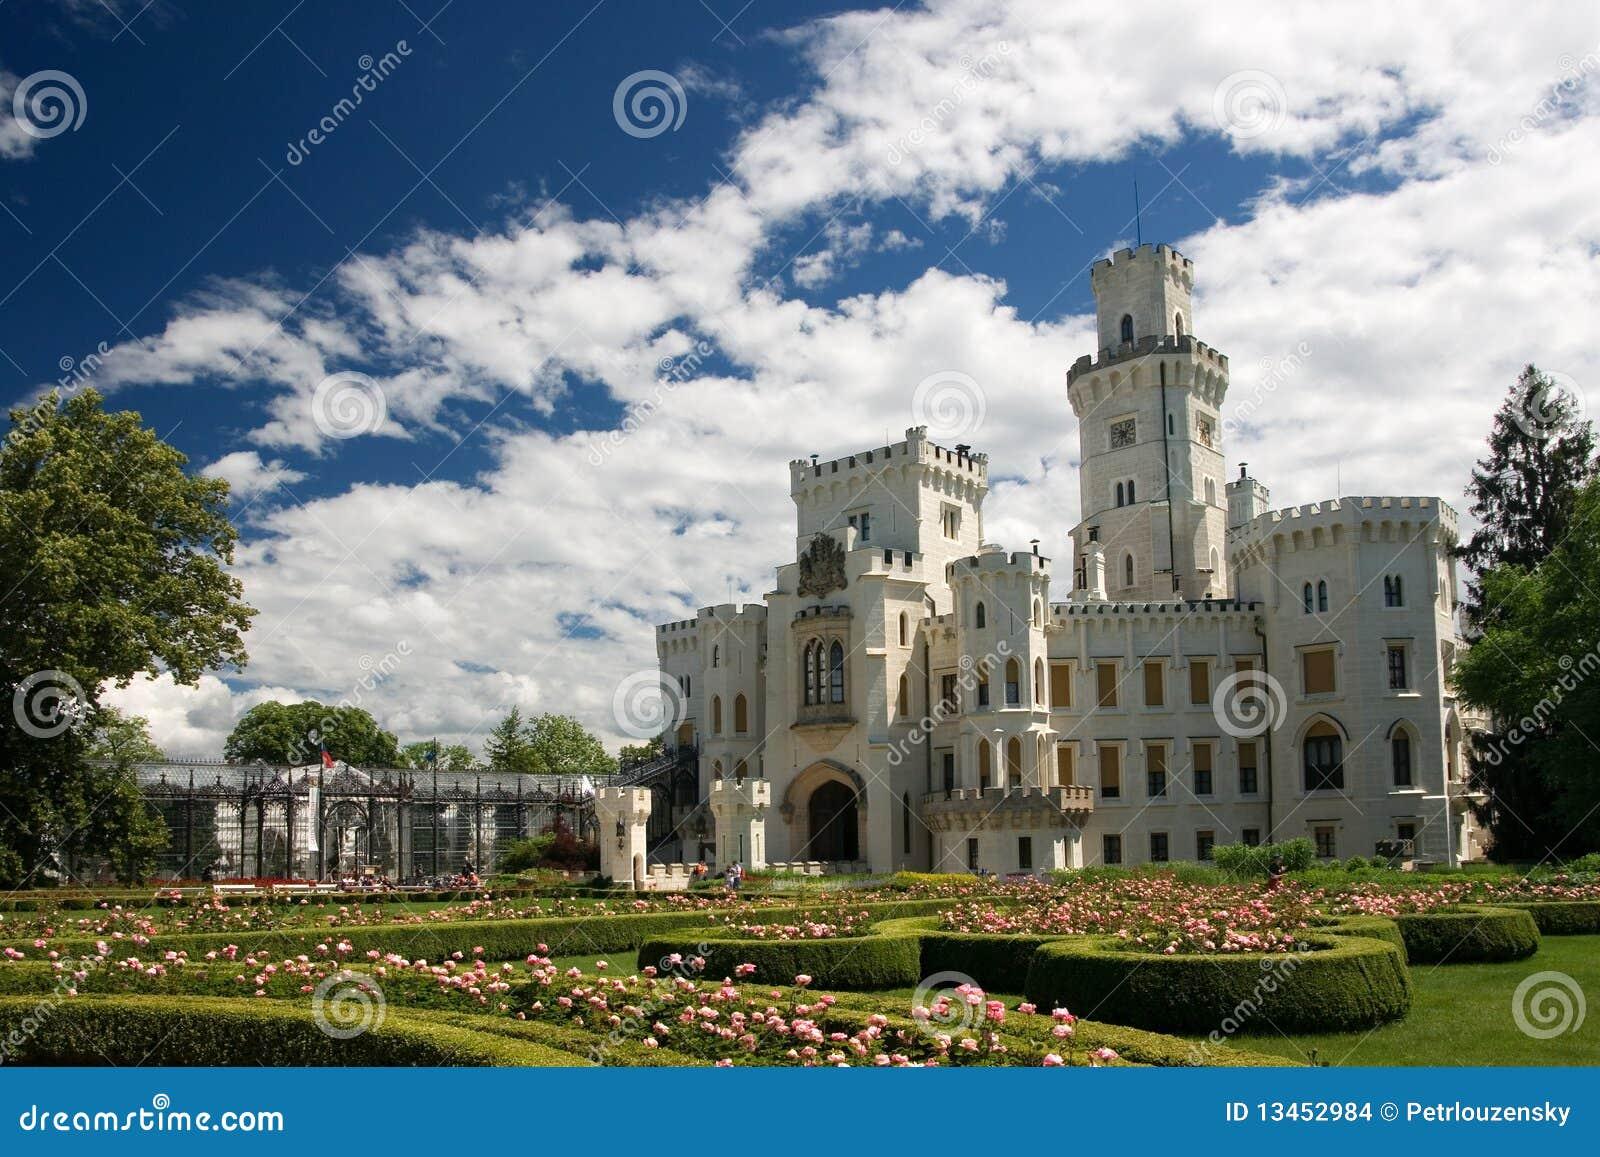 nad vltavou castle - photo #13